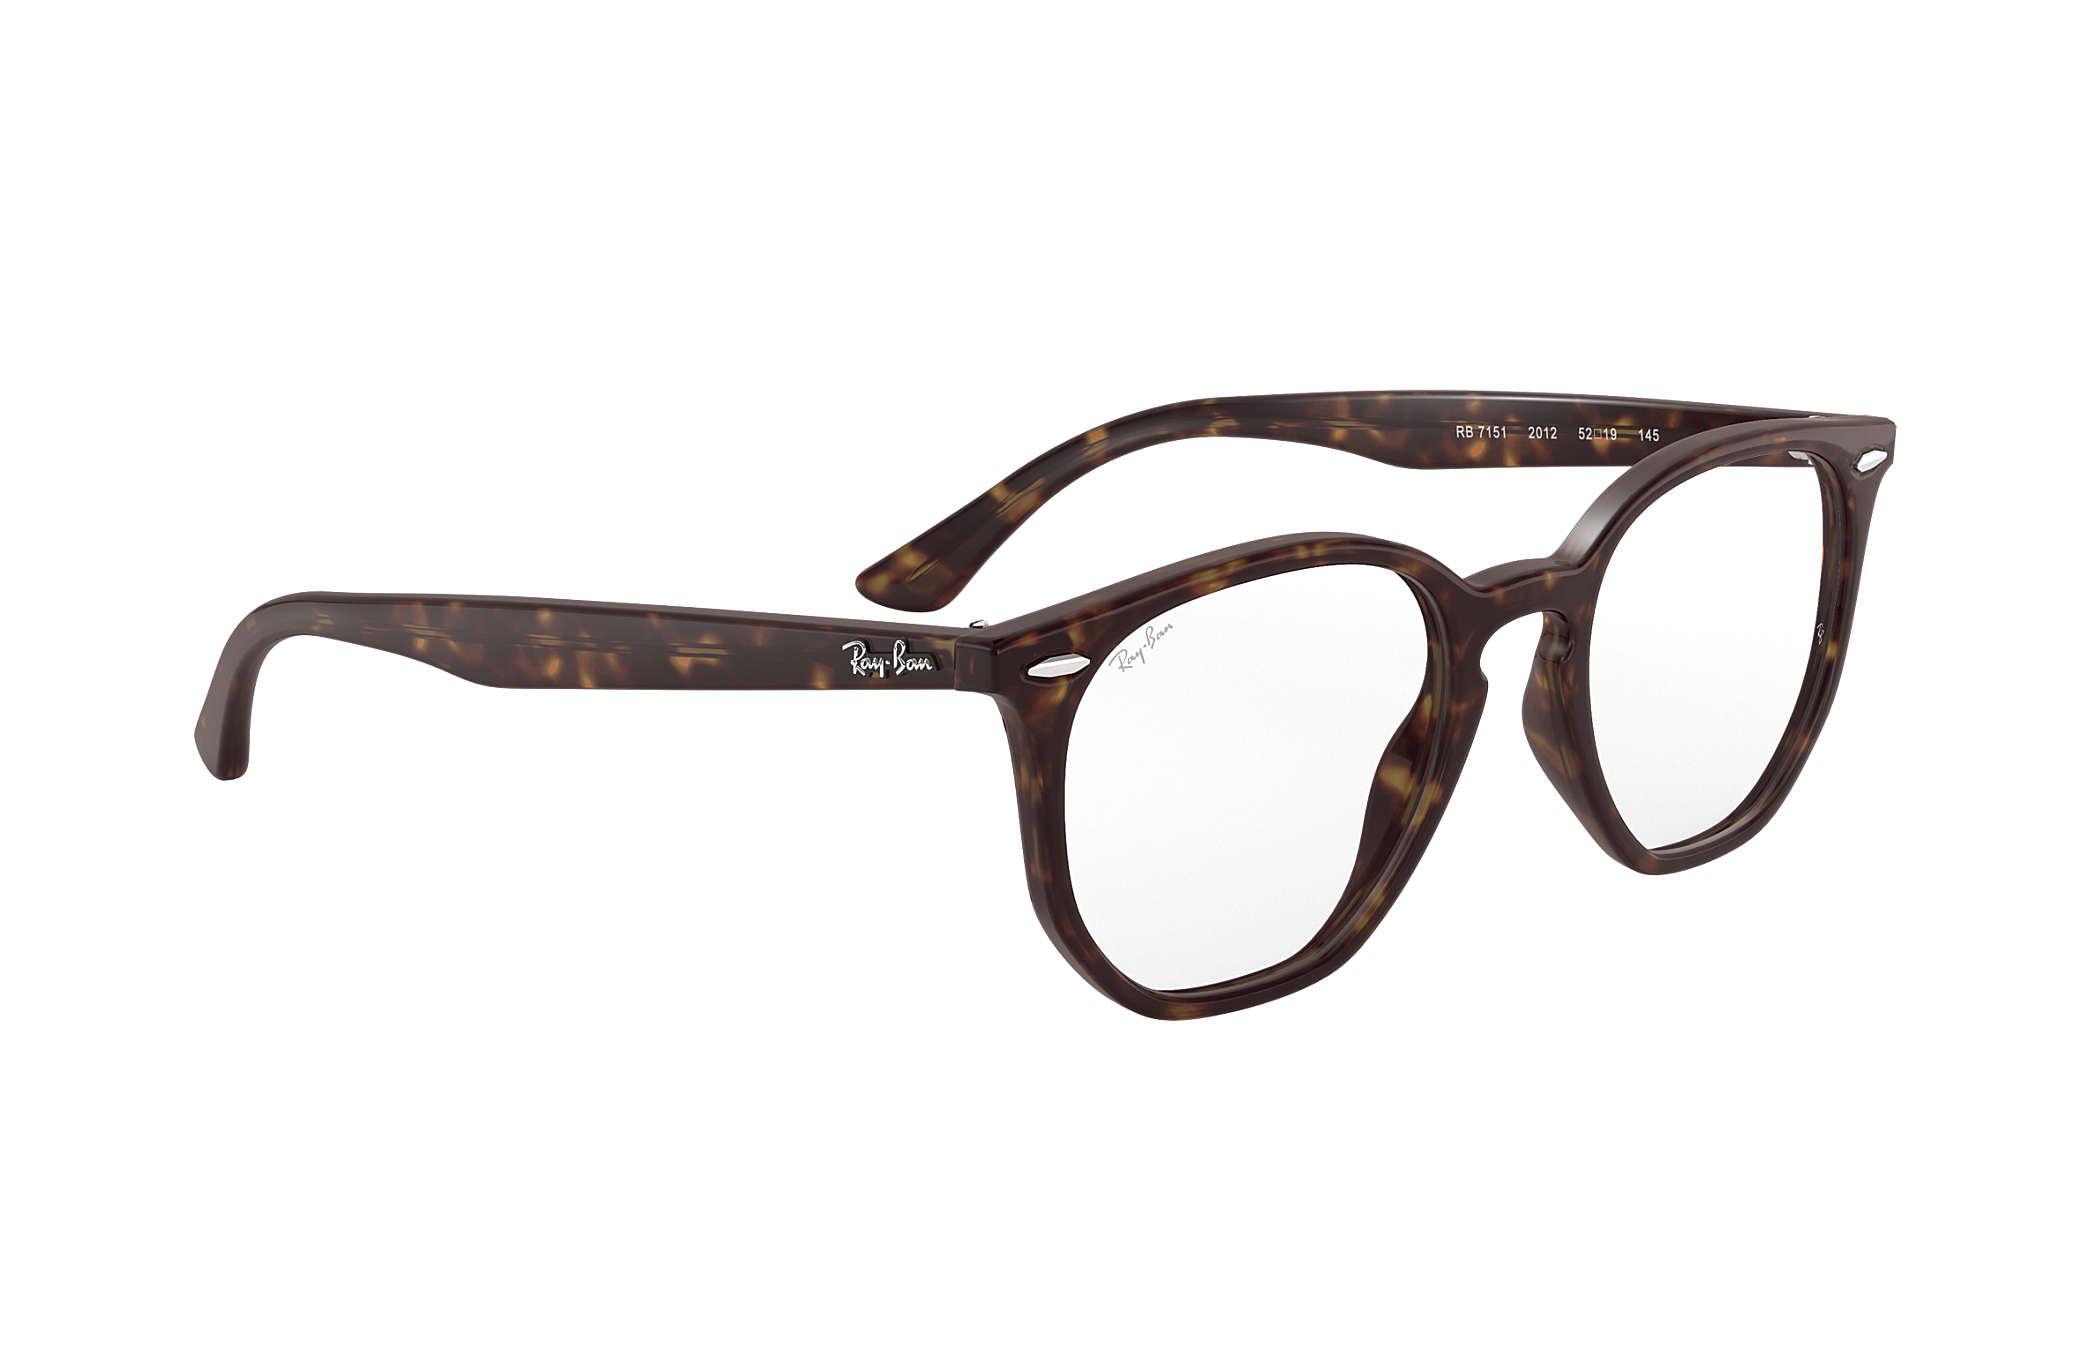 occhiali da vista ray ban 7151 prezzo